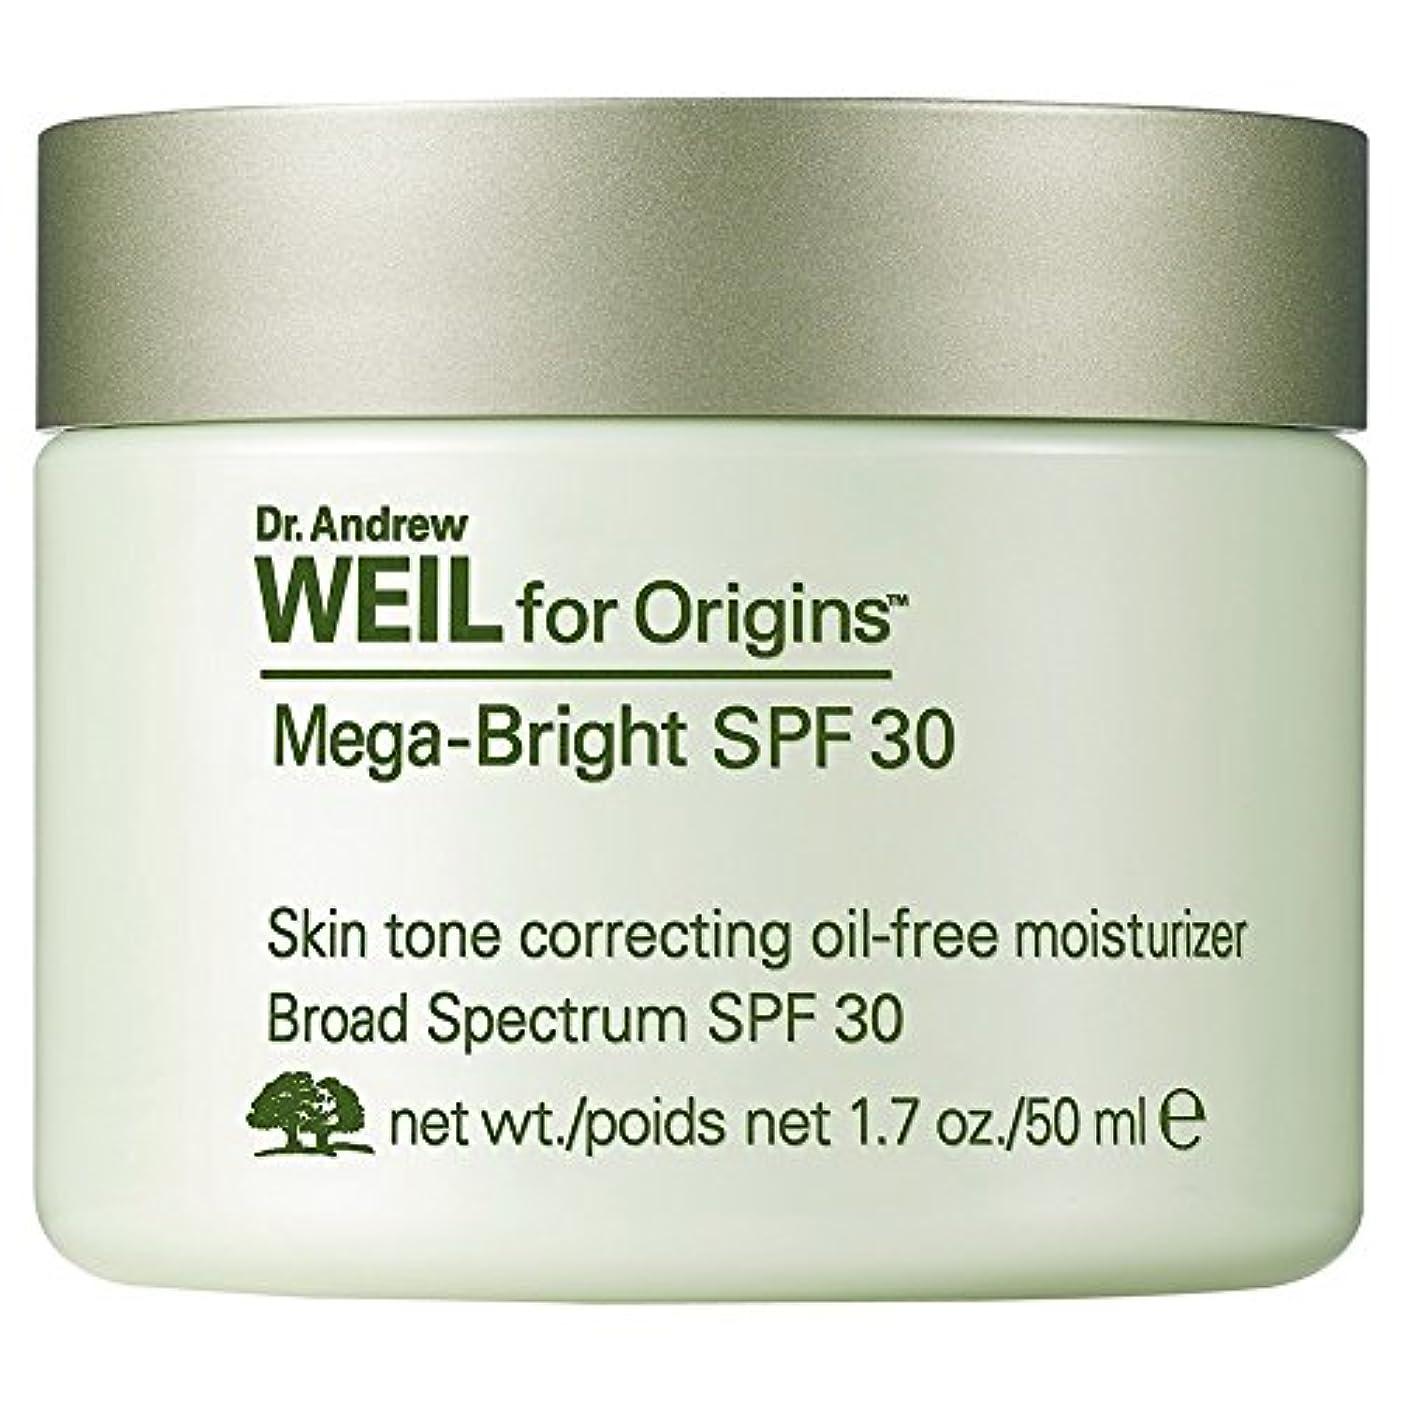 群がる詩埋め込むDr。保湿、50ミリリットルの補正アンドルー?ワイルメガブライトSpf30の肌のトーン (Origins) (x6) - Dr. Andrew Weil Mega-Bright SPF30 Skin Tone Correcting...